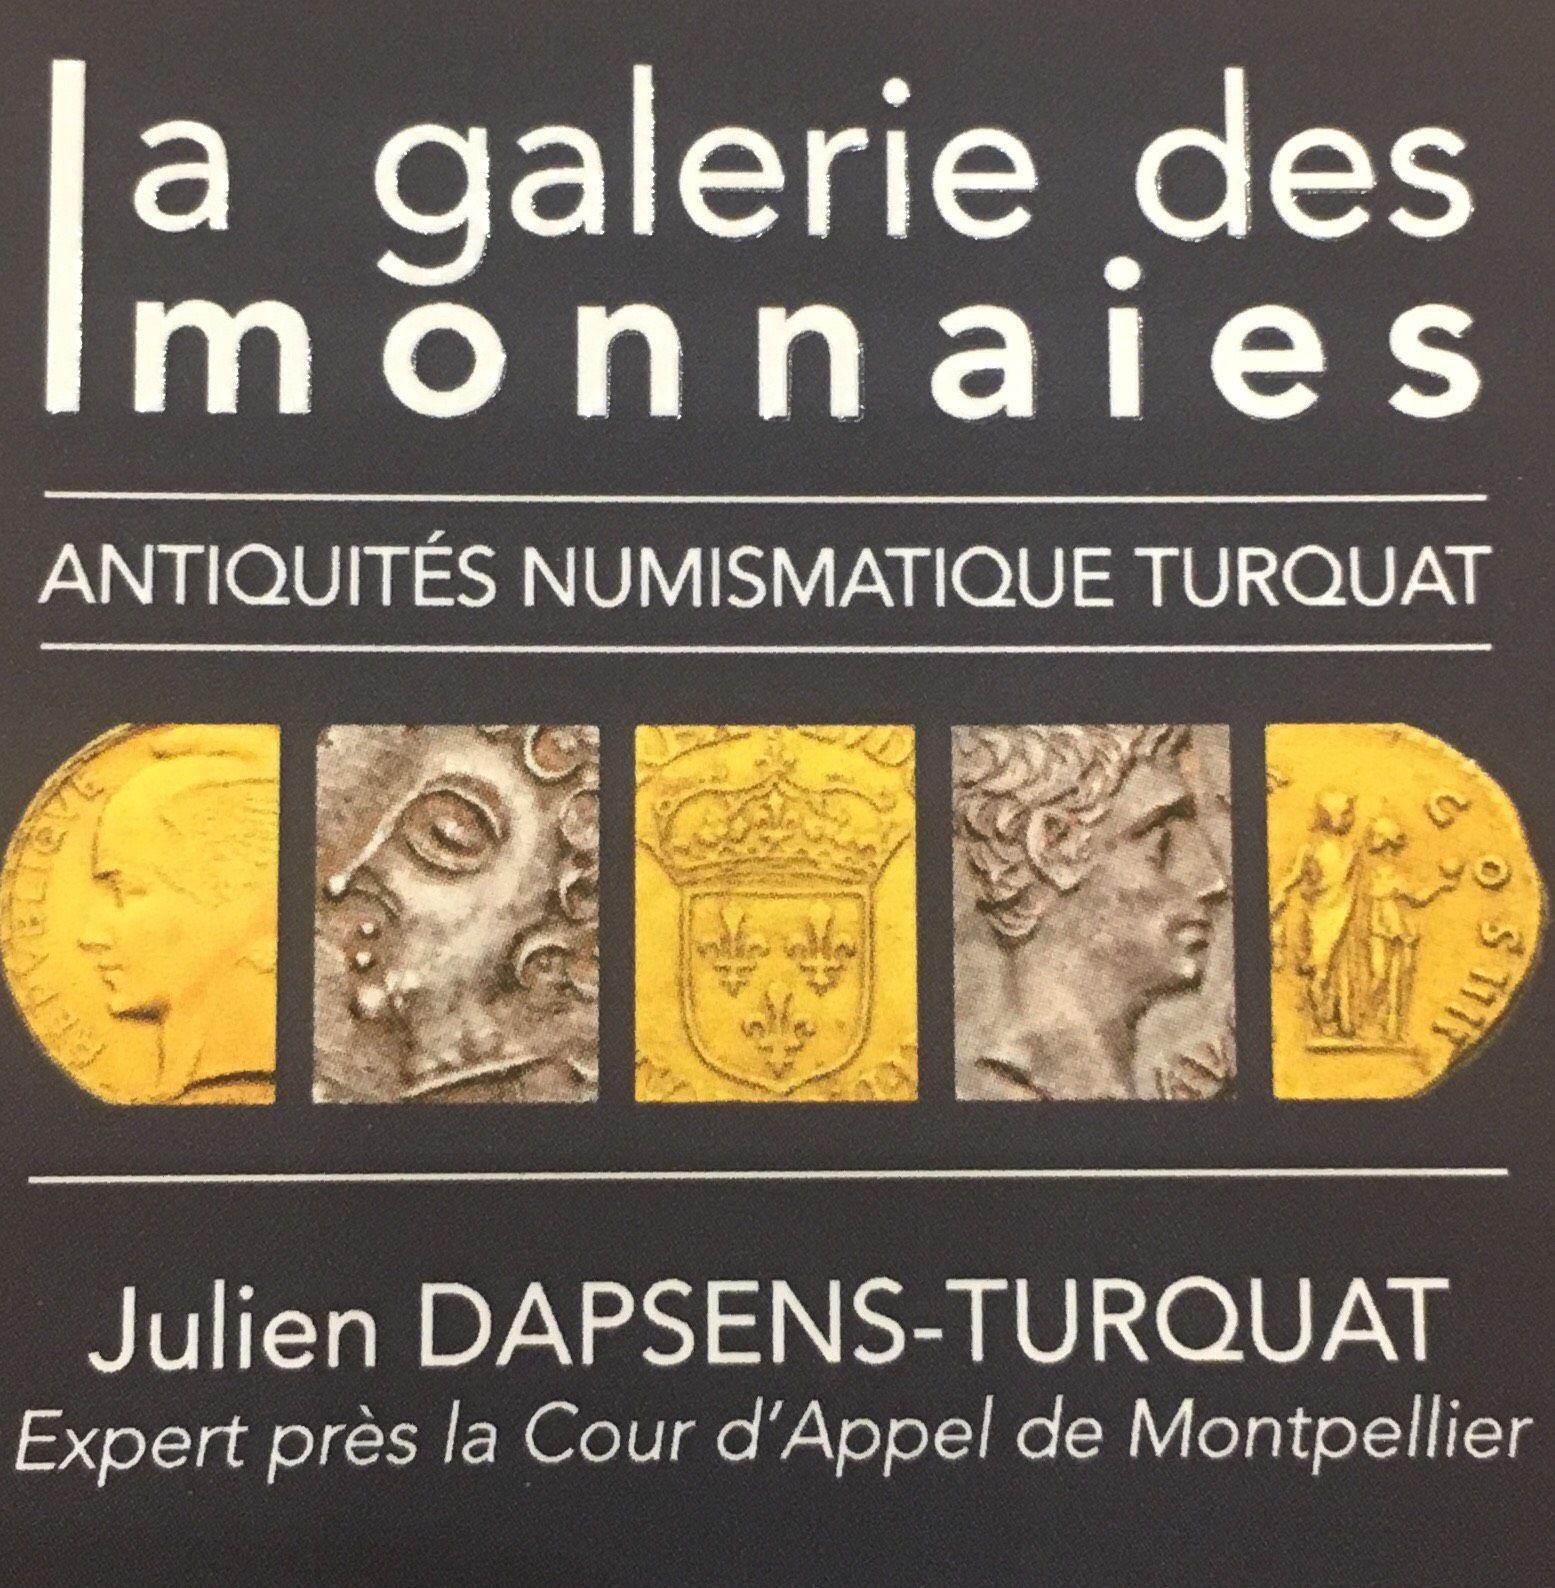 ANTIQUITÉS NUMISMATIQUE TURQUAT Julien DAPSENS-TURQUAT Expert près la Cour d'Appel galerie d'art